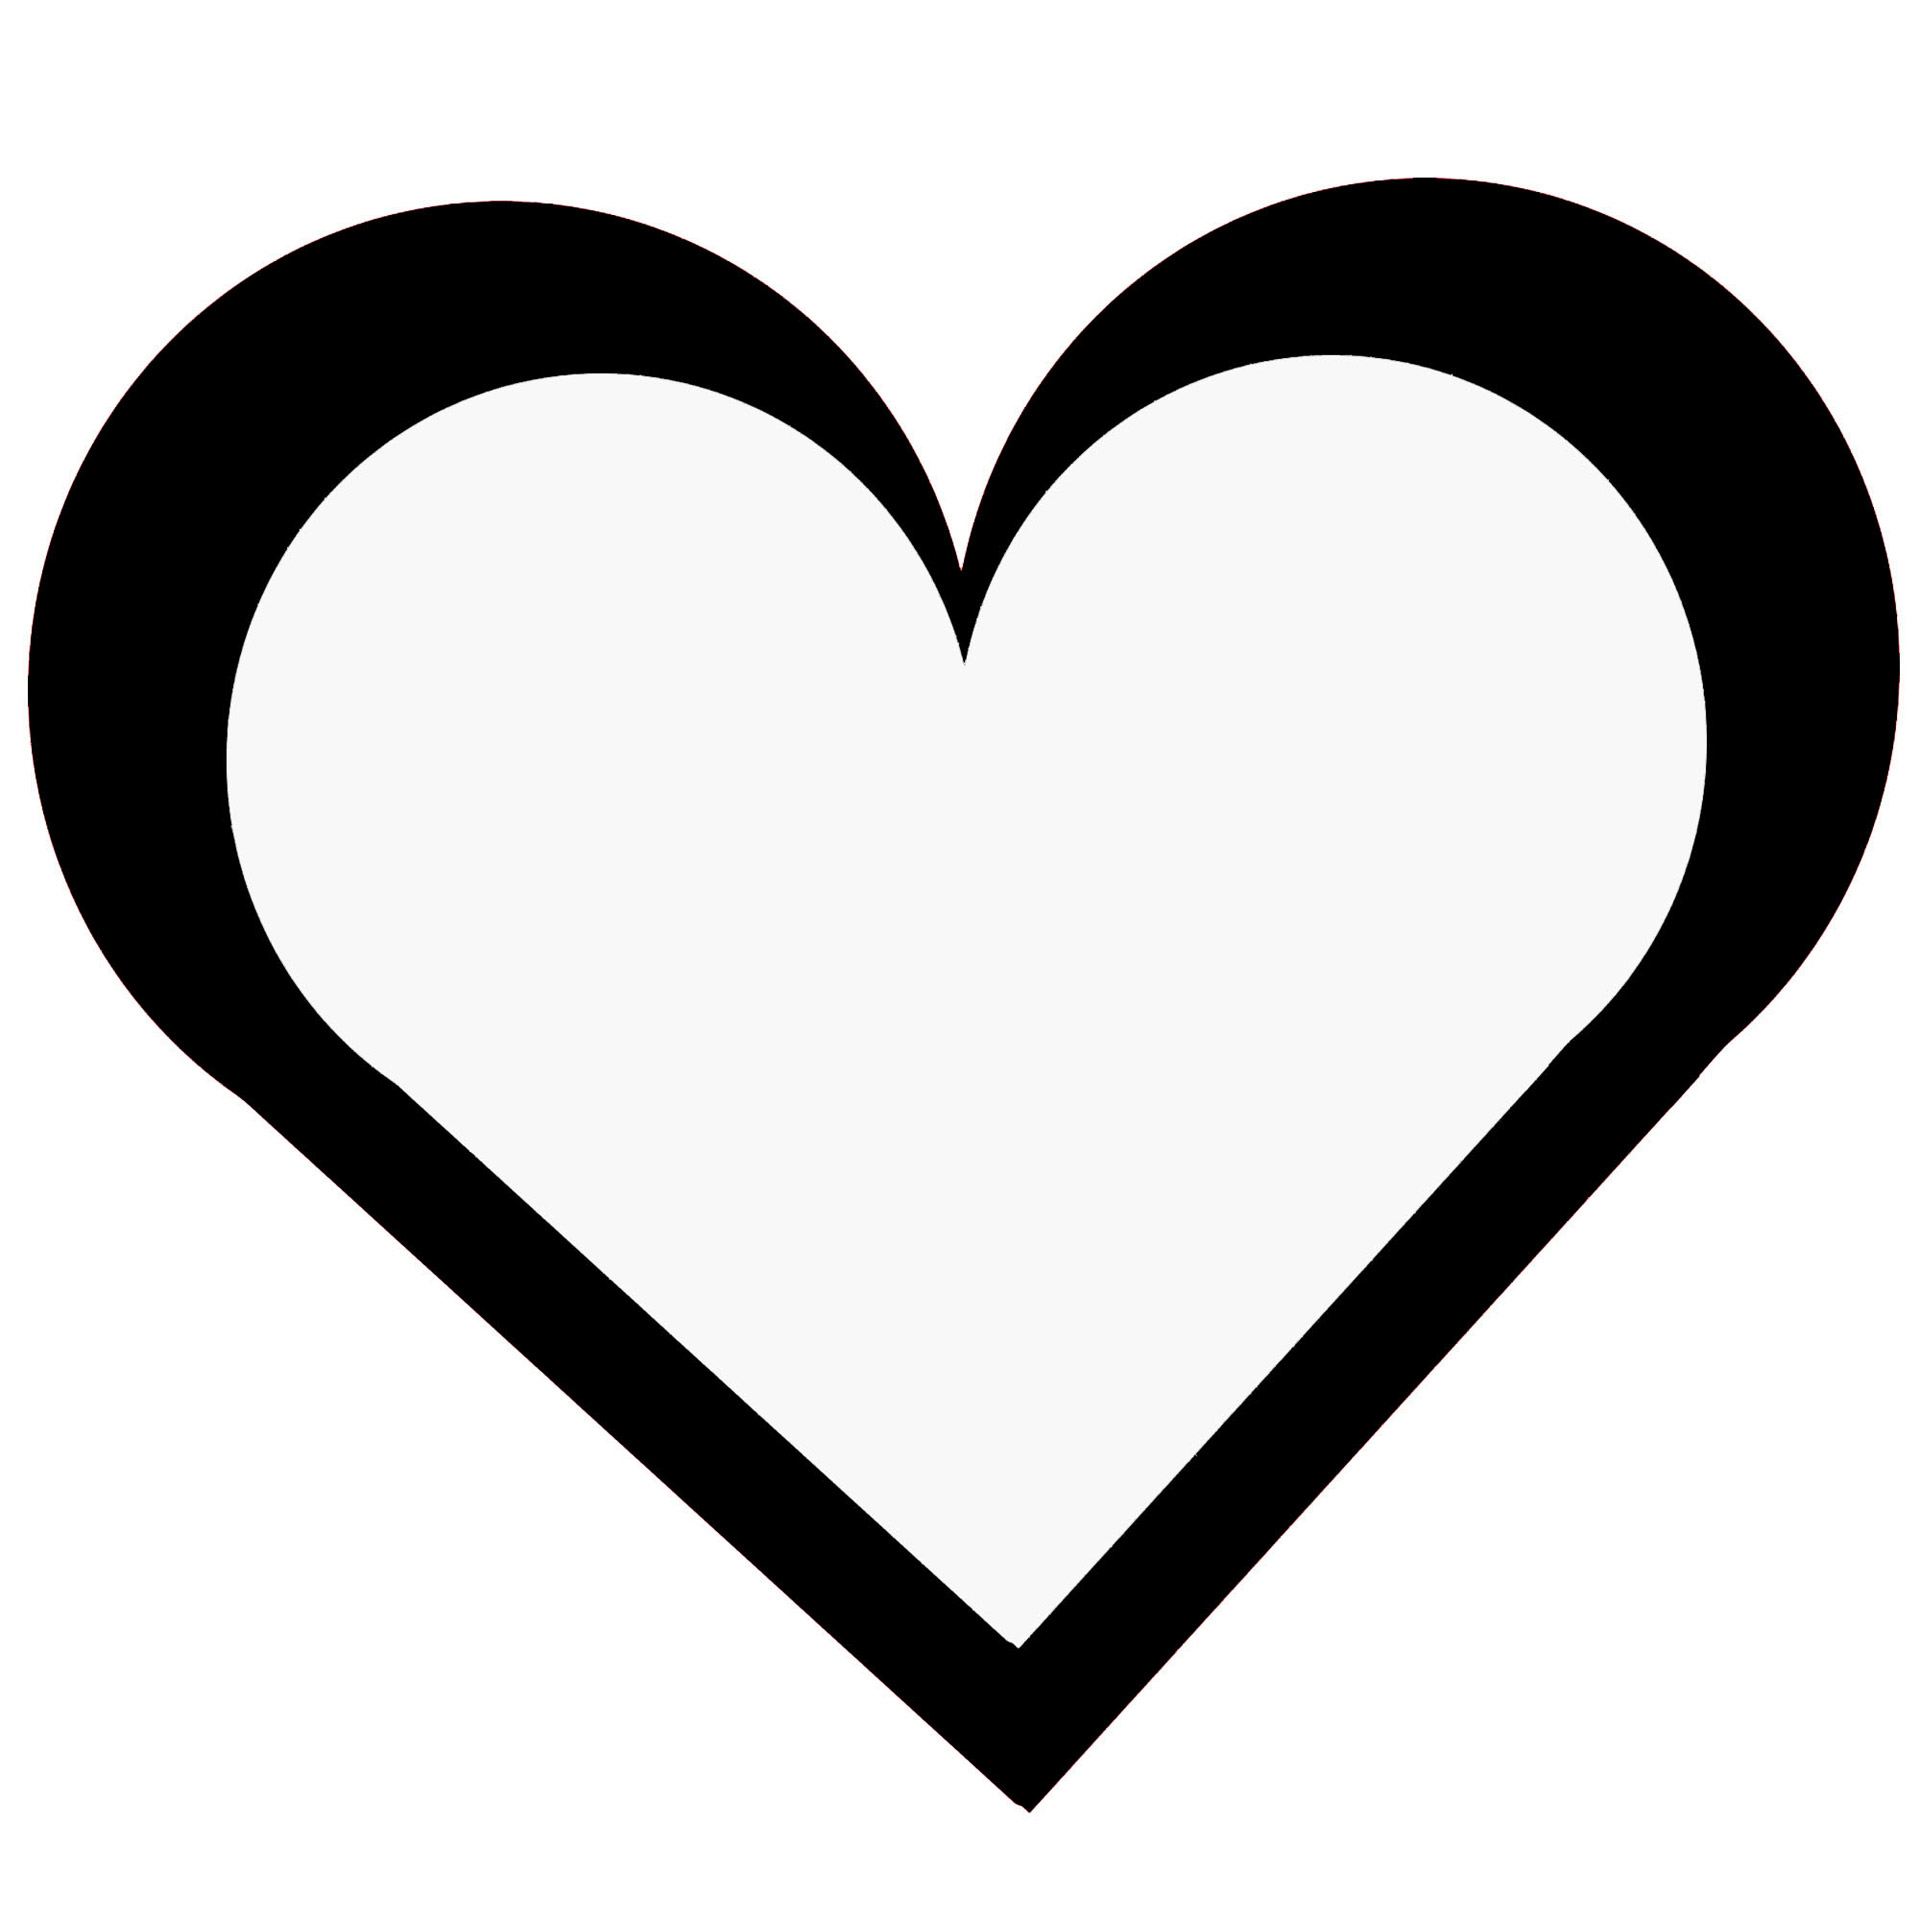 Black Outline Heart | Free download best Black Outline Heart